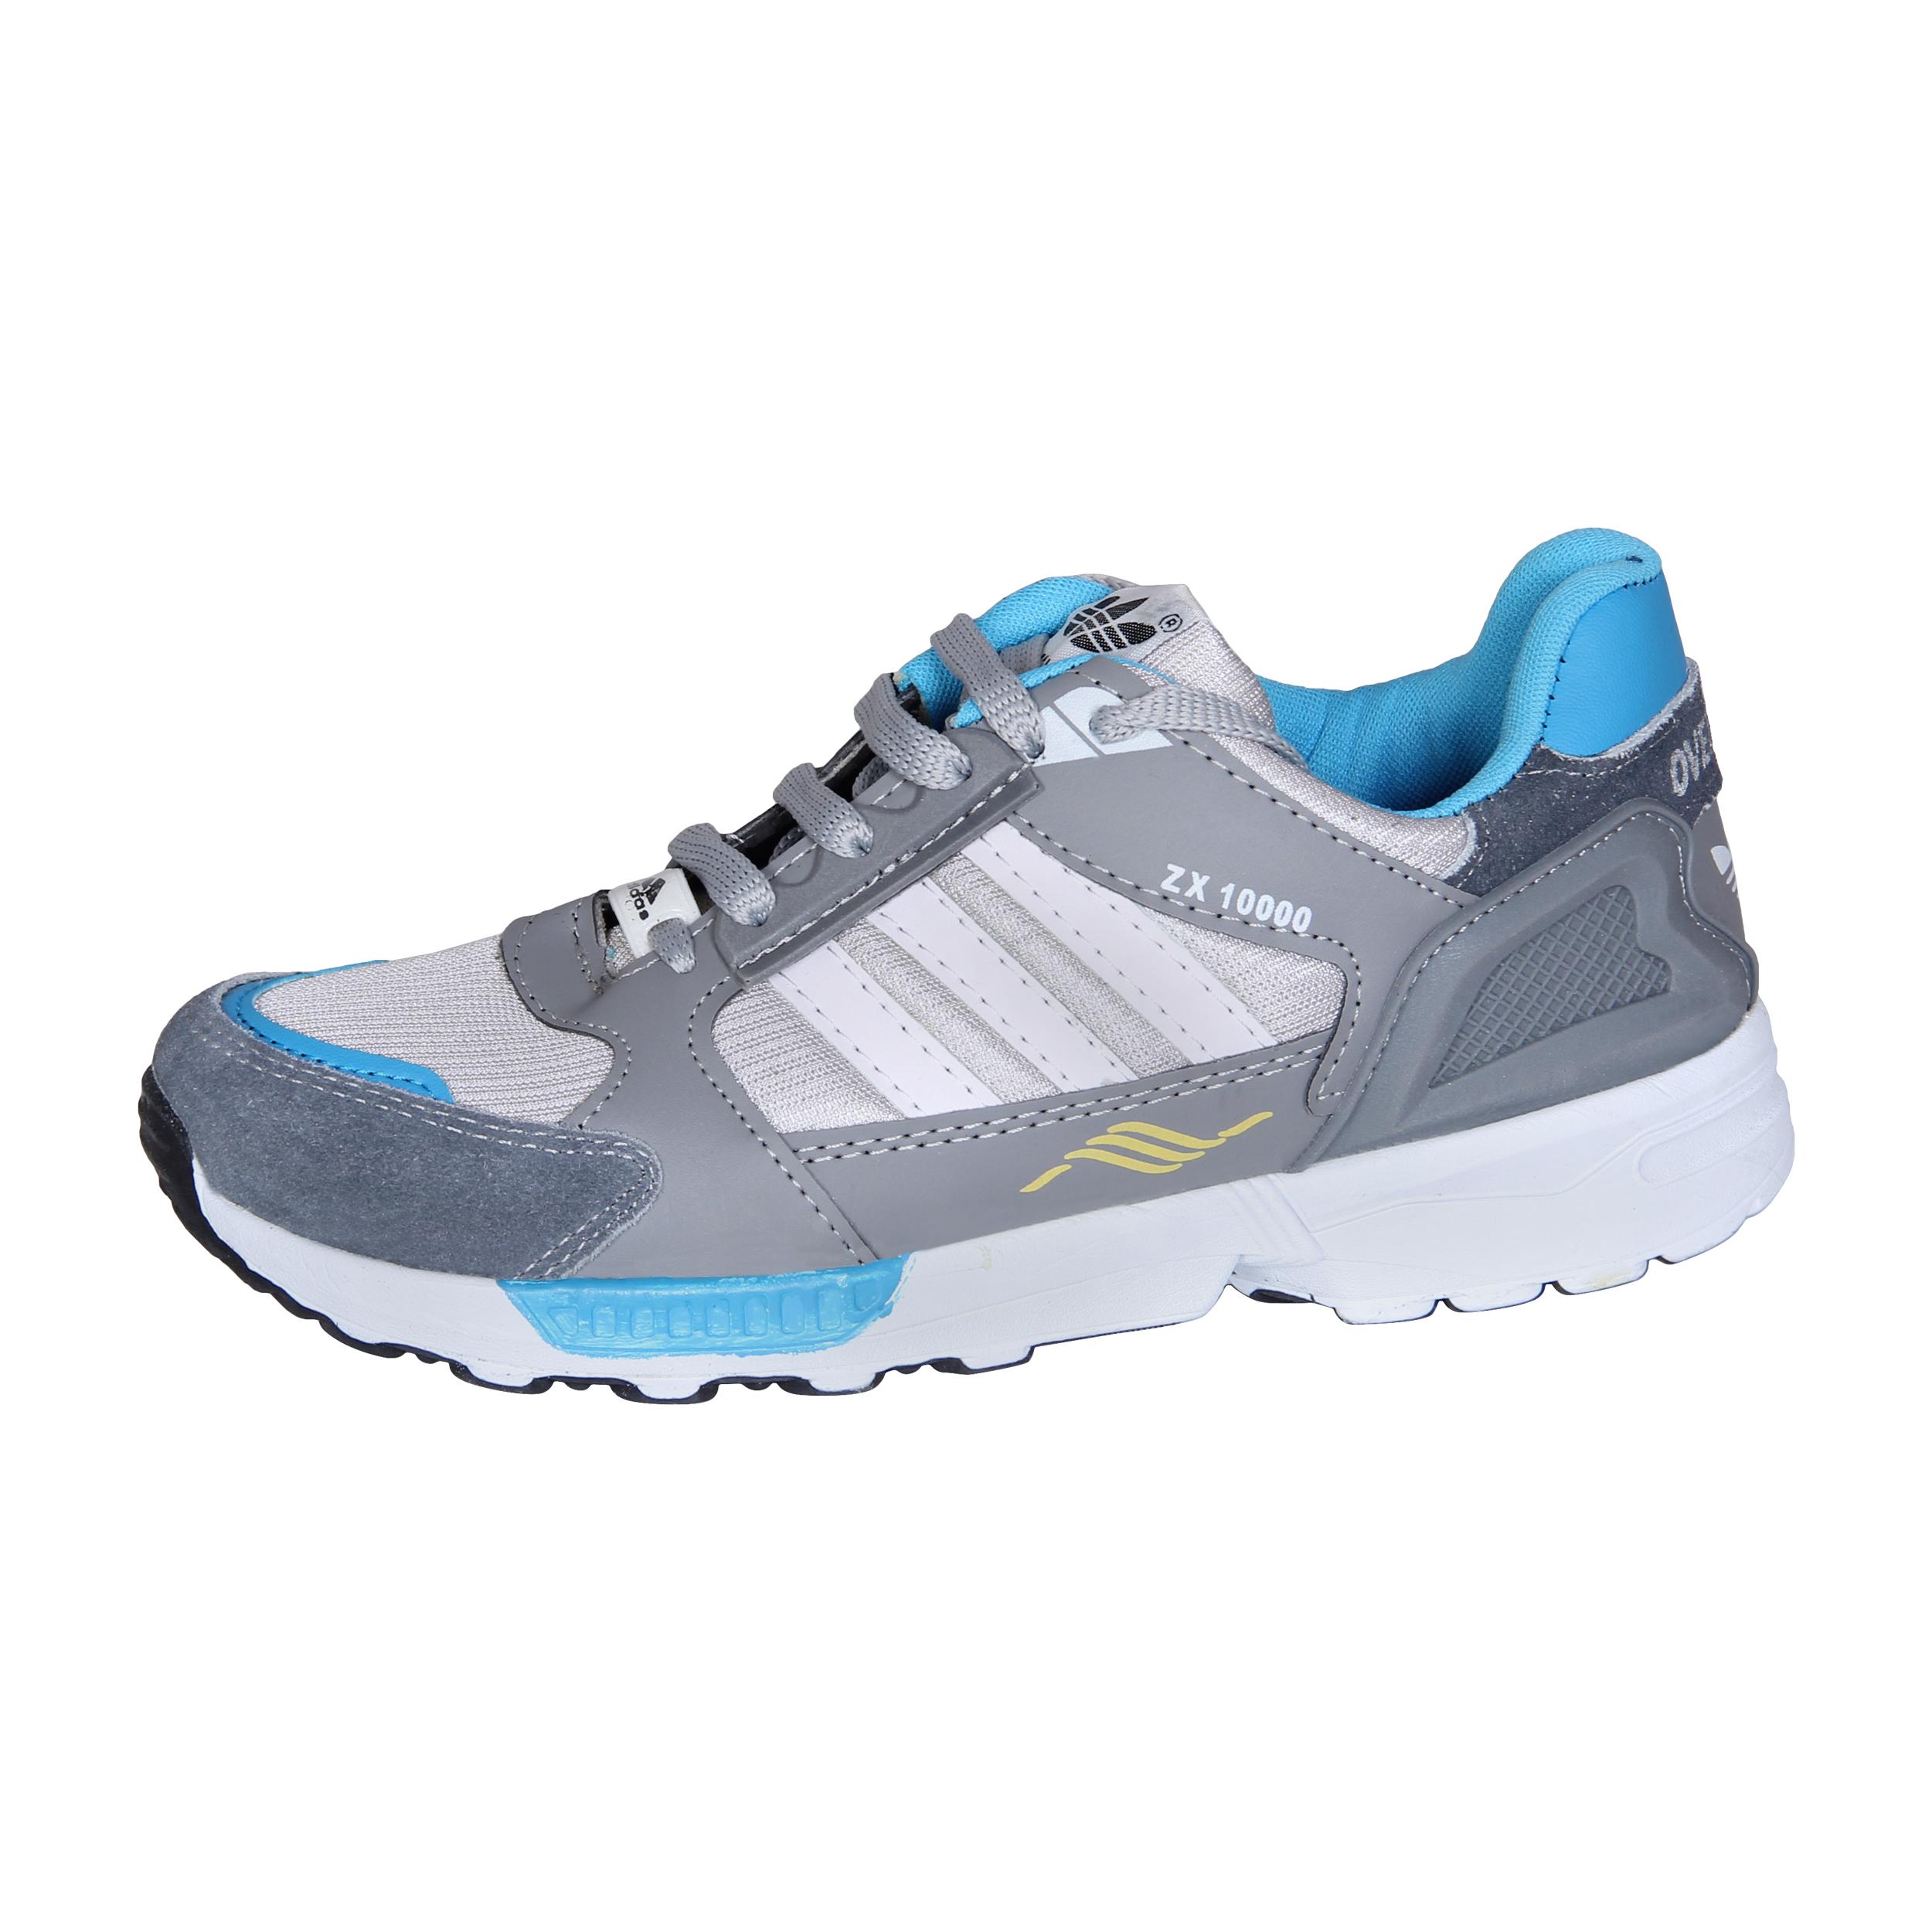 خرید                        کفش مخصوص پیاده روی مردانه کد 21-2399850              👟